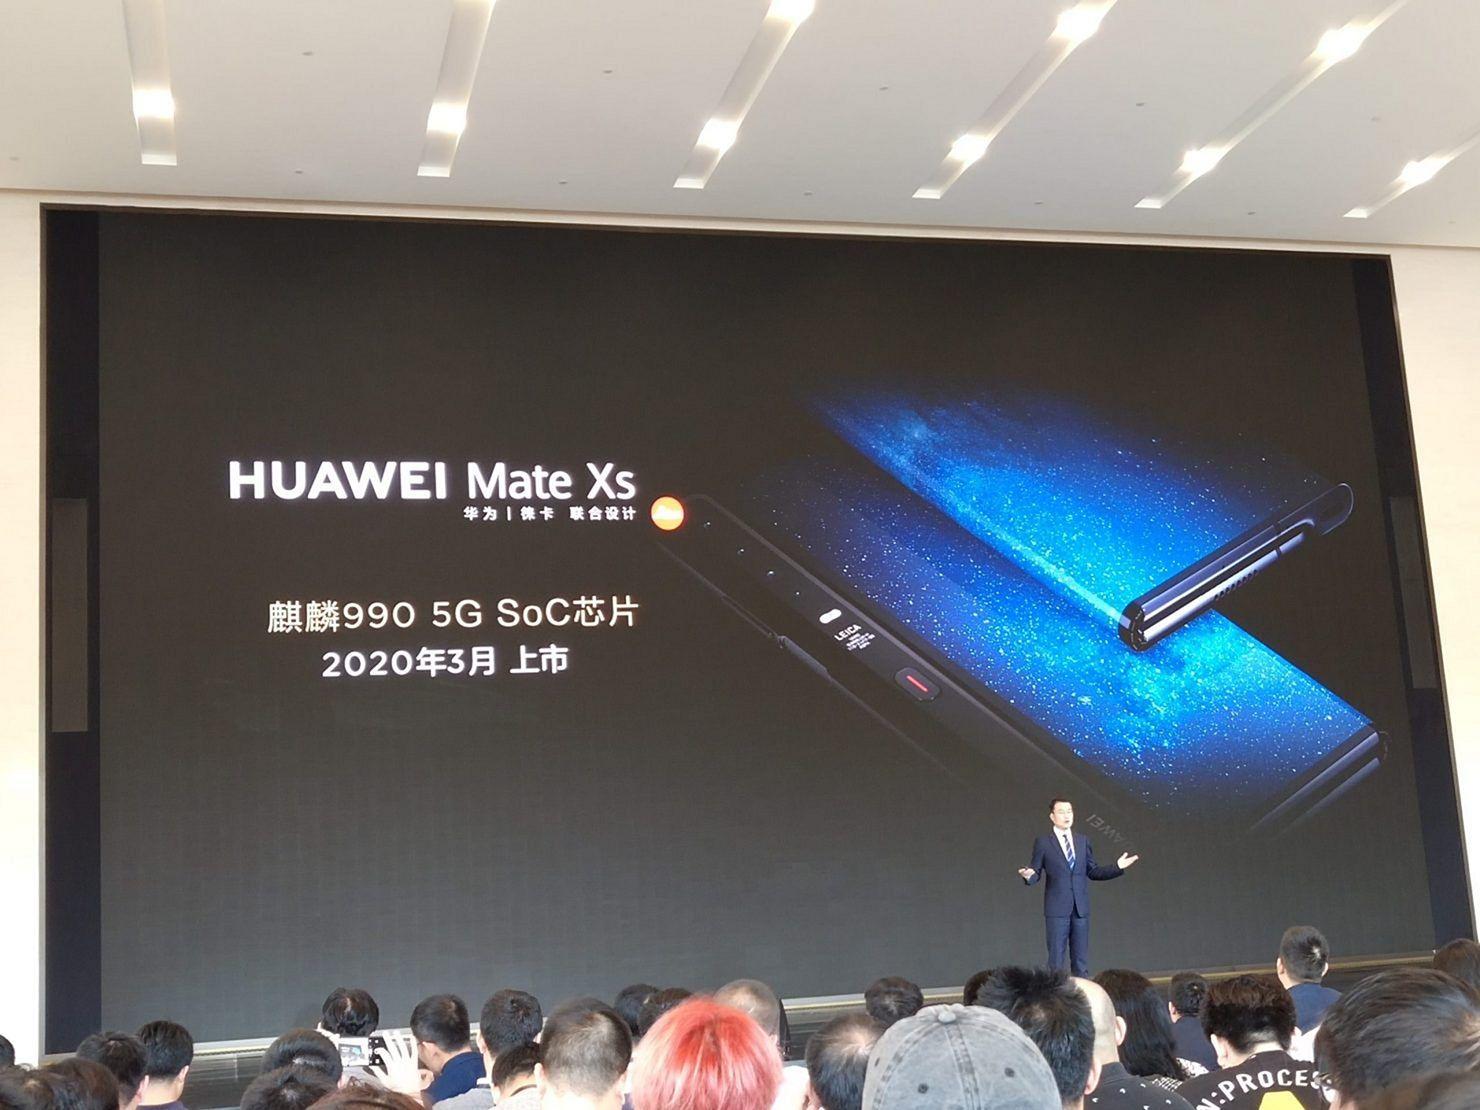 Keunggulan Huawei Mate Xs